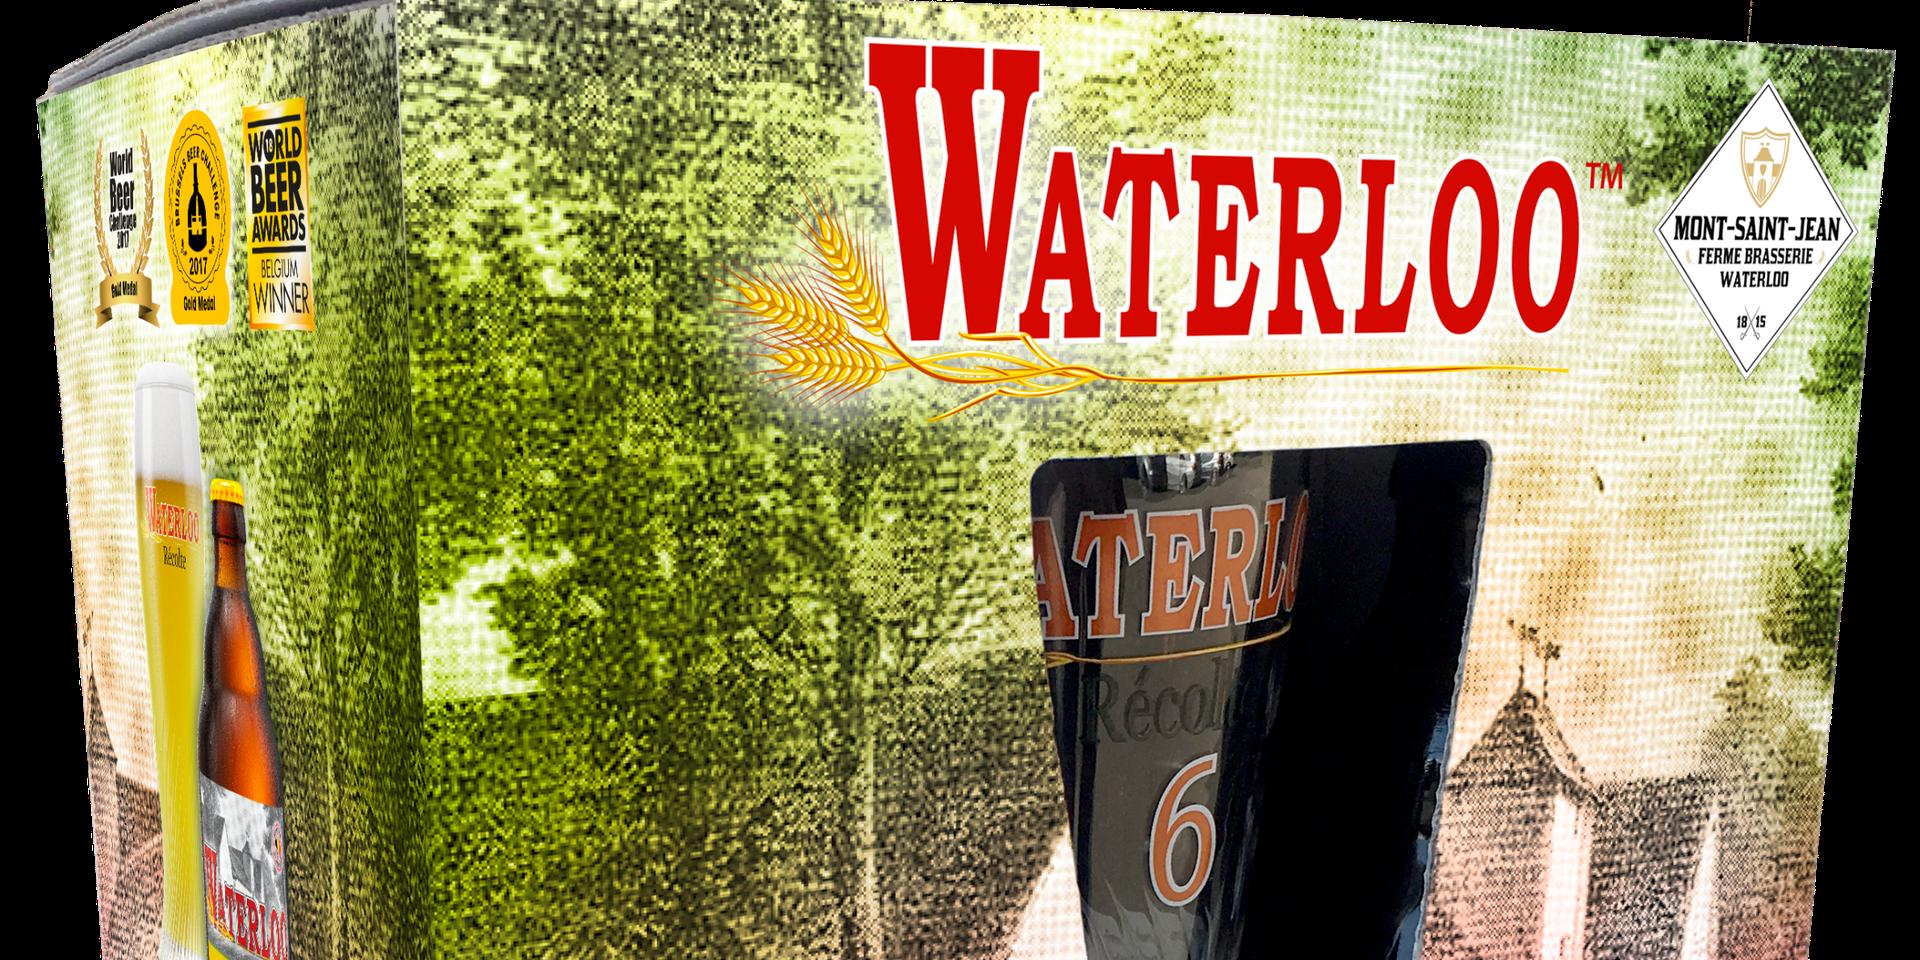 Concours : À gagner 25 packs de bière de Waterloo Récolte